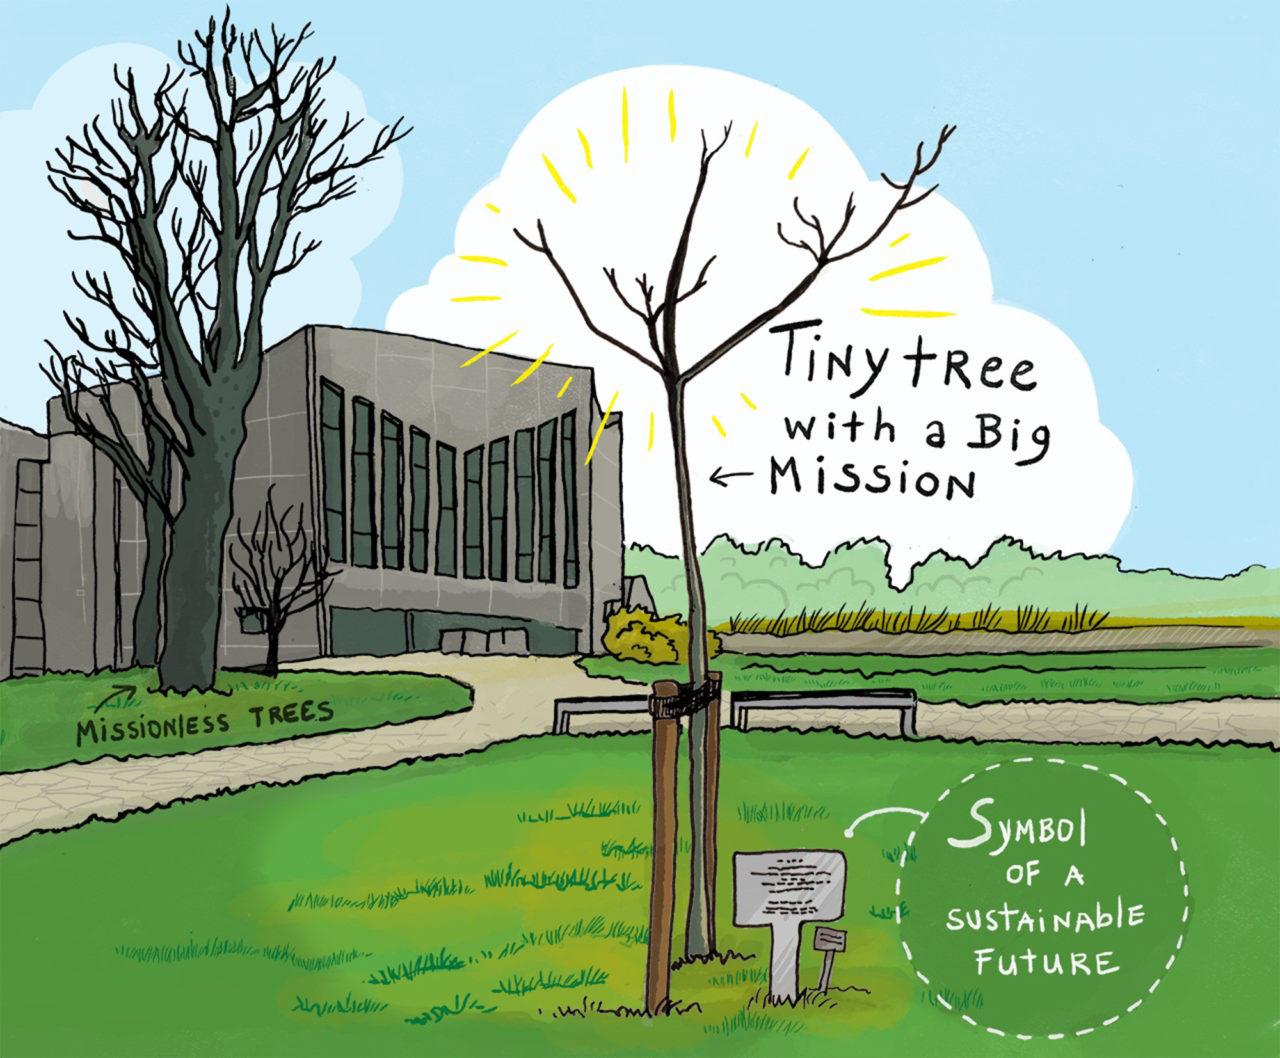 ikrotterdam-tiny-tree-with-a-big-mission